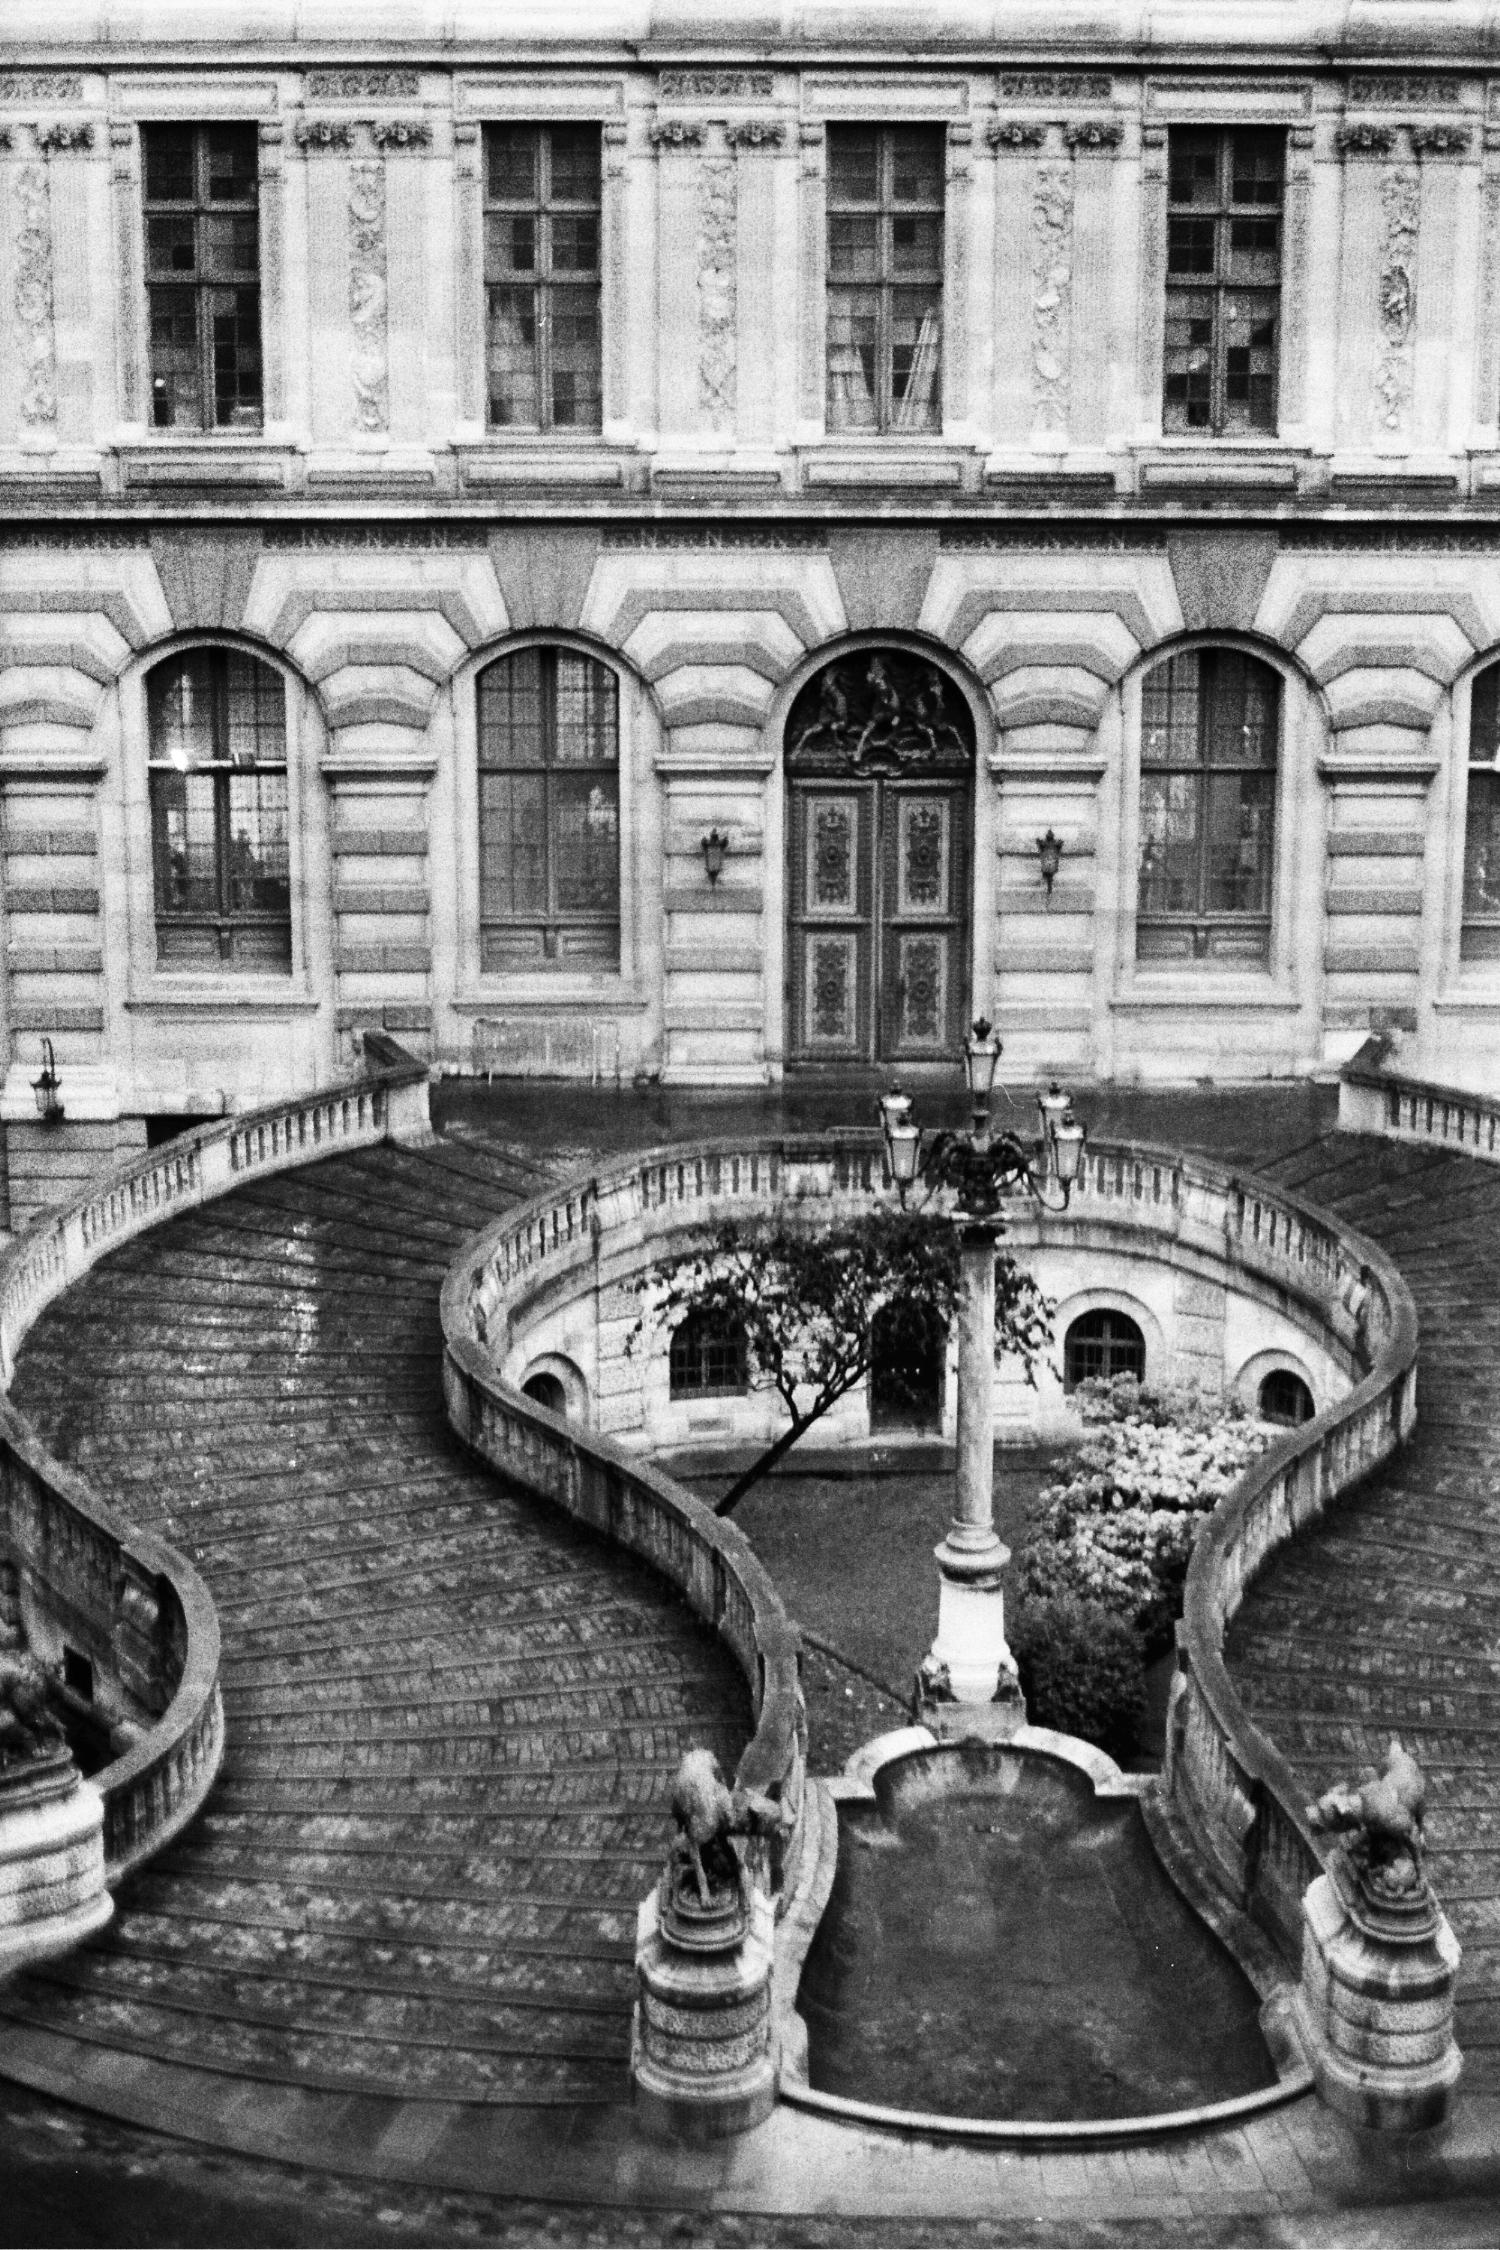 Paris_In_the_Winter032